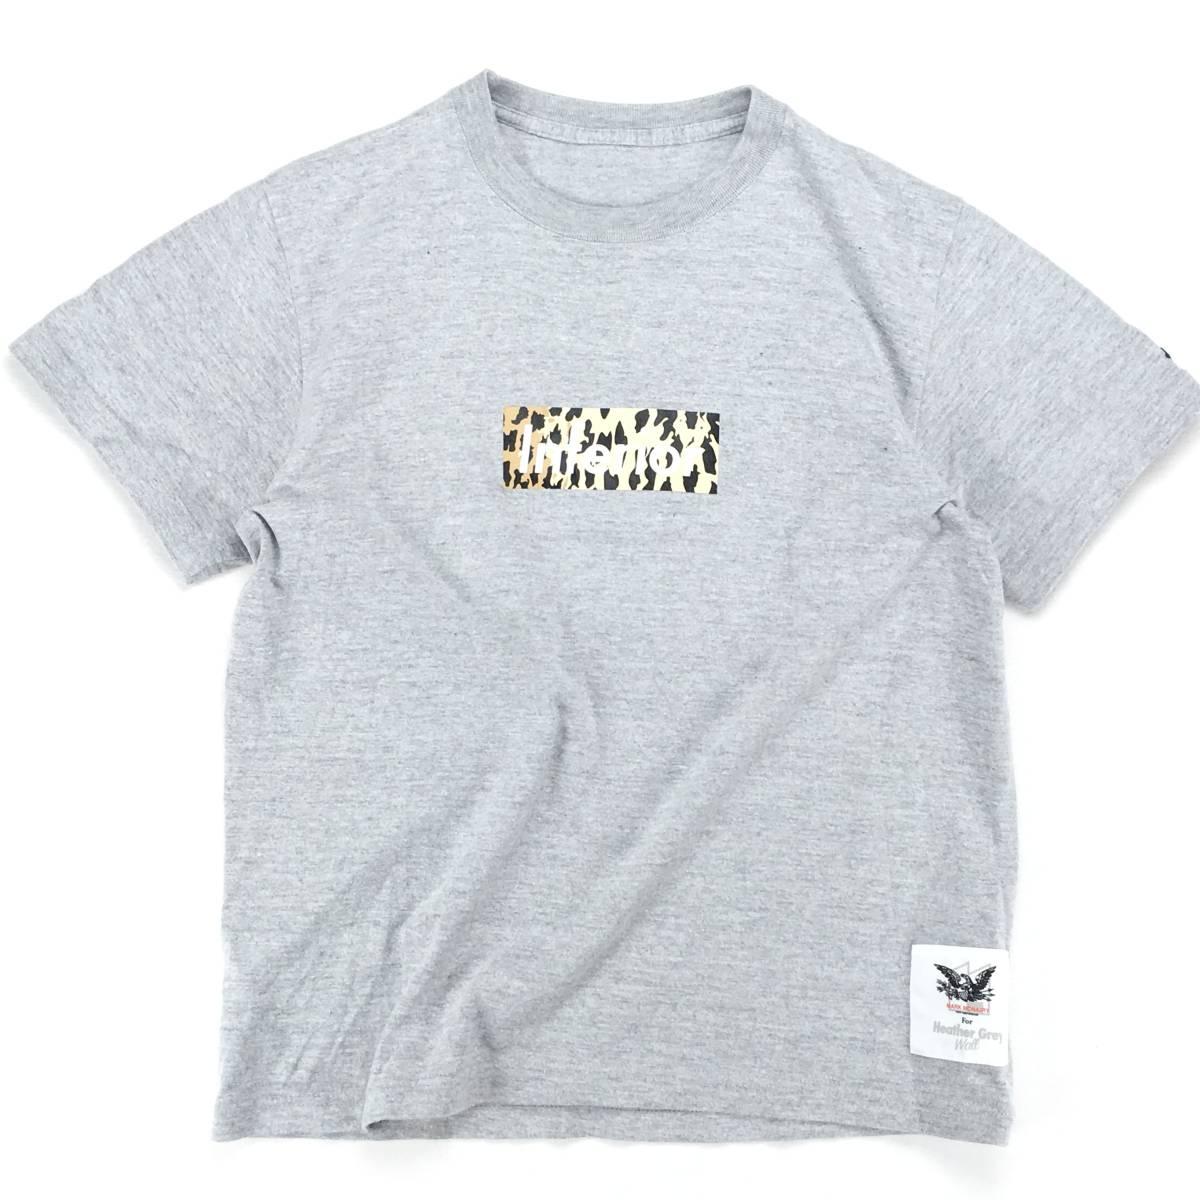 希少!【MARK MCNAIRY マークマクナイリー】BOXロゴ「Inferior」半袖Tシャツ S ライトグレー 日本製_画像1